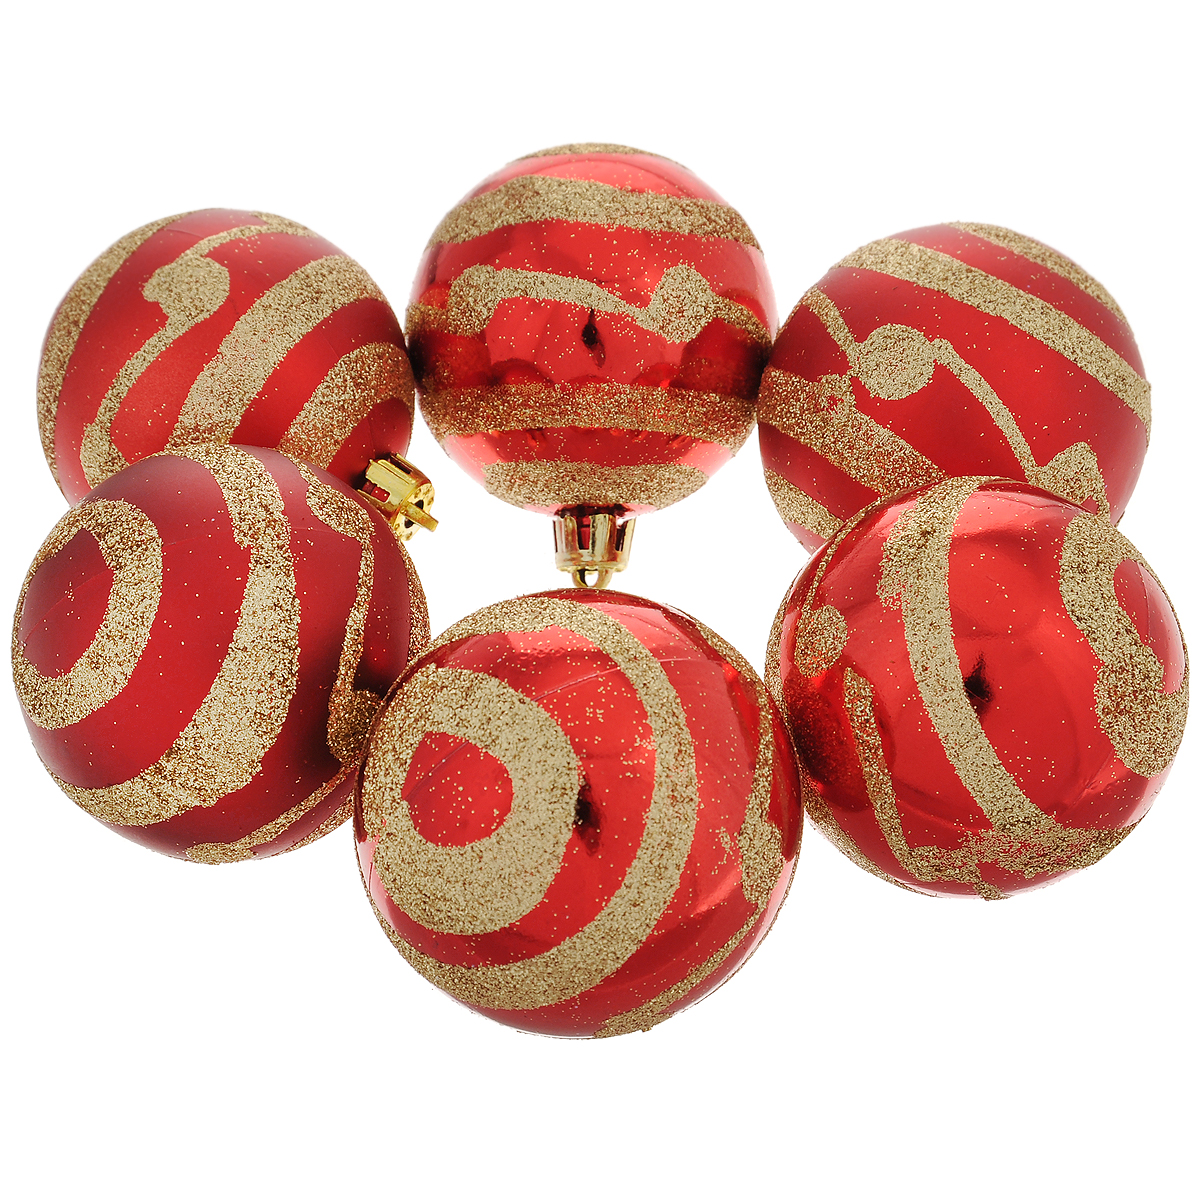 Набор новогодних подвесных украшений Шар, цвет: золотистый, красный, диаметр 6 см, 6 шт. 35497 набор подвесных новогодних украшений шары цвет золотистый красный 6 шт 26270